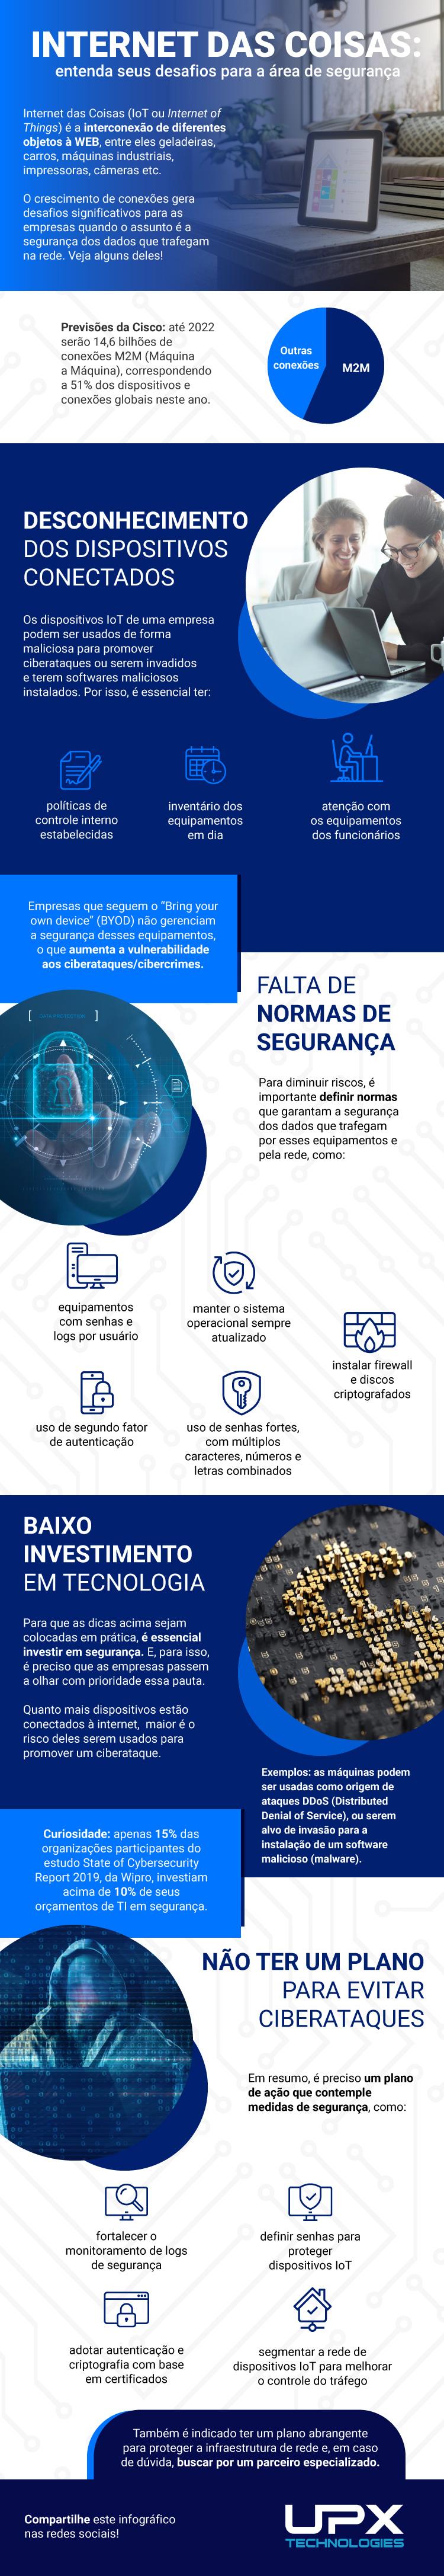 [INFOGRÁFICO] Internet das Coisas: entenda seus desafios para a área de segurança